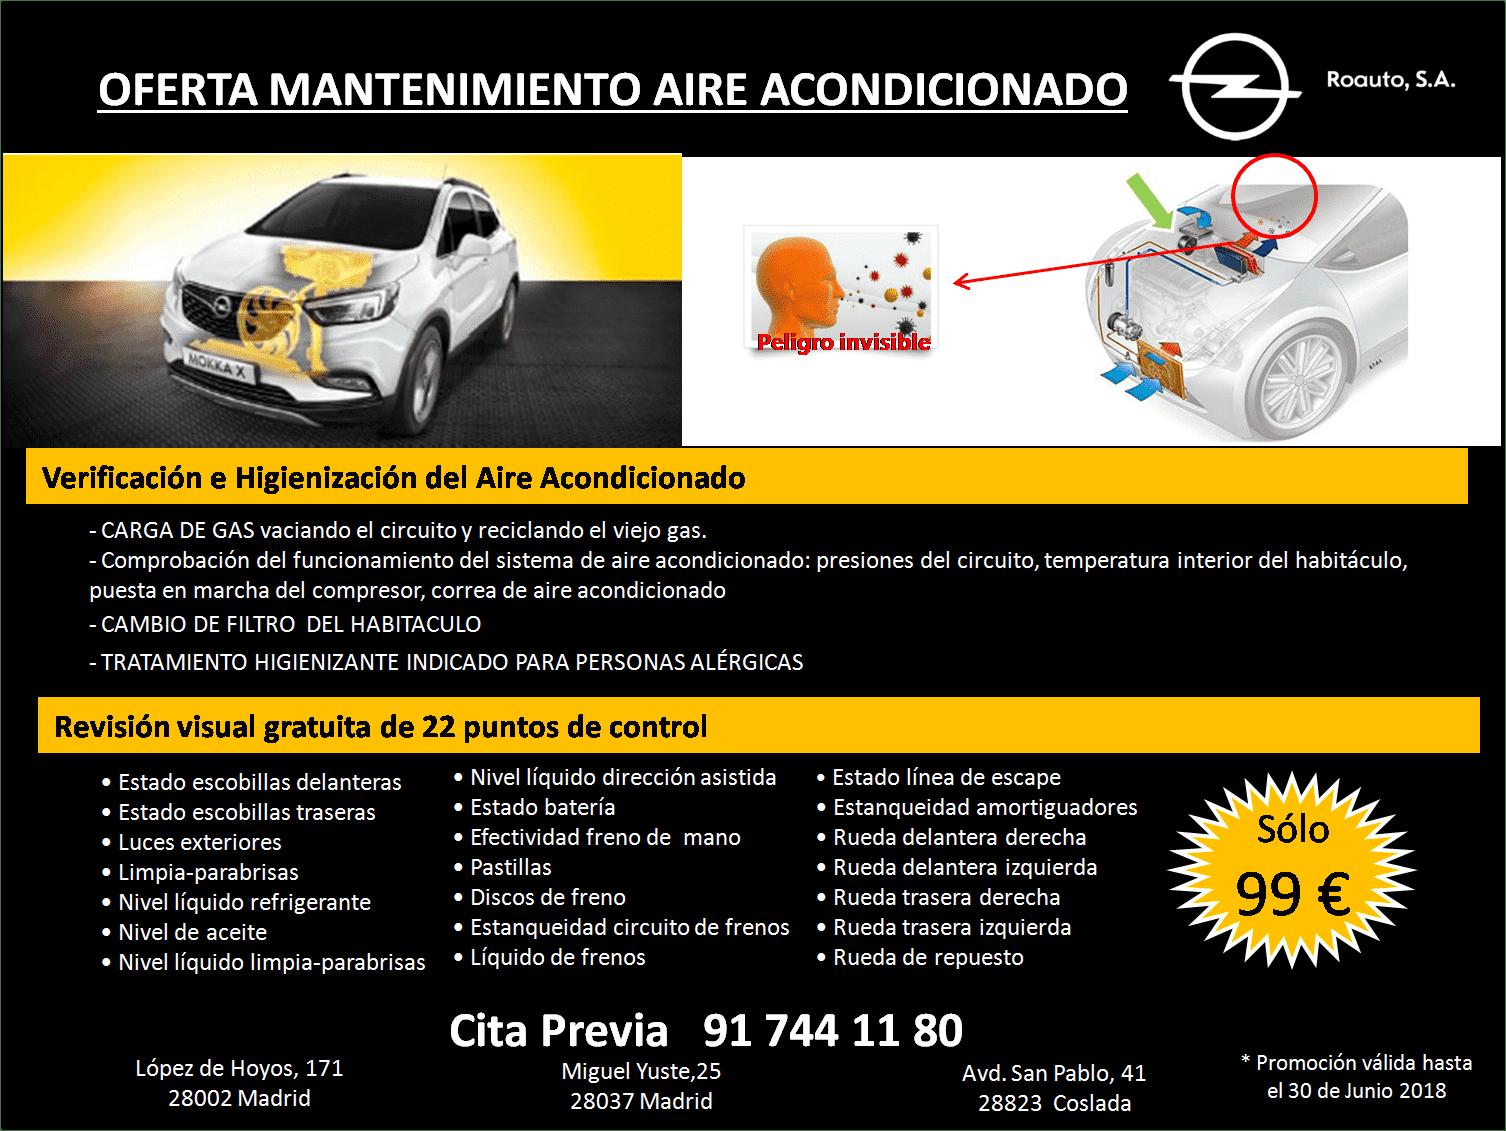 OFERTA MANTENIMIENTO AIRE ACONDICIONADO